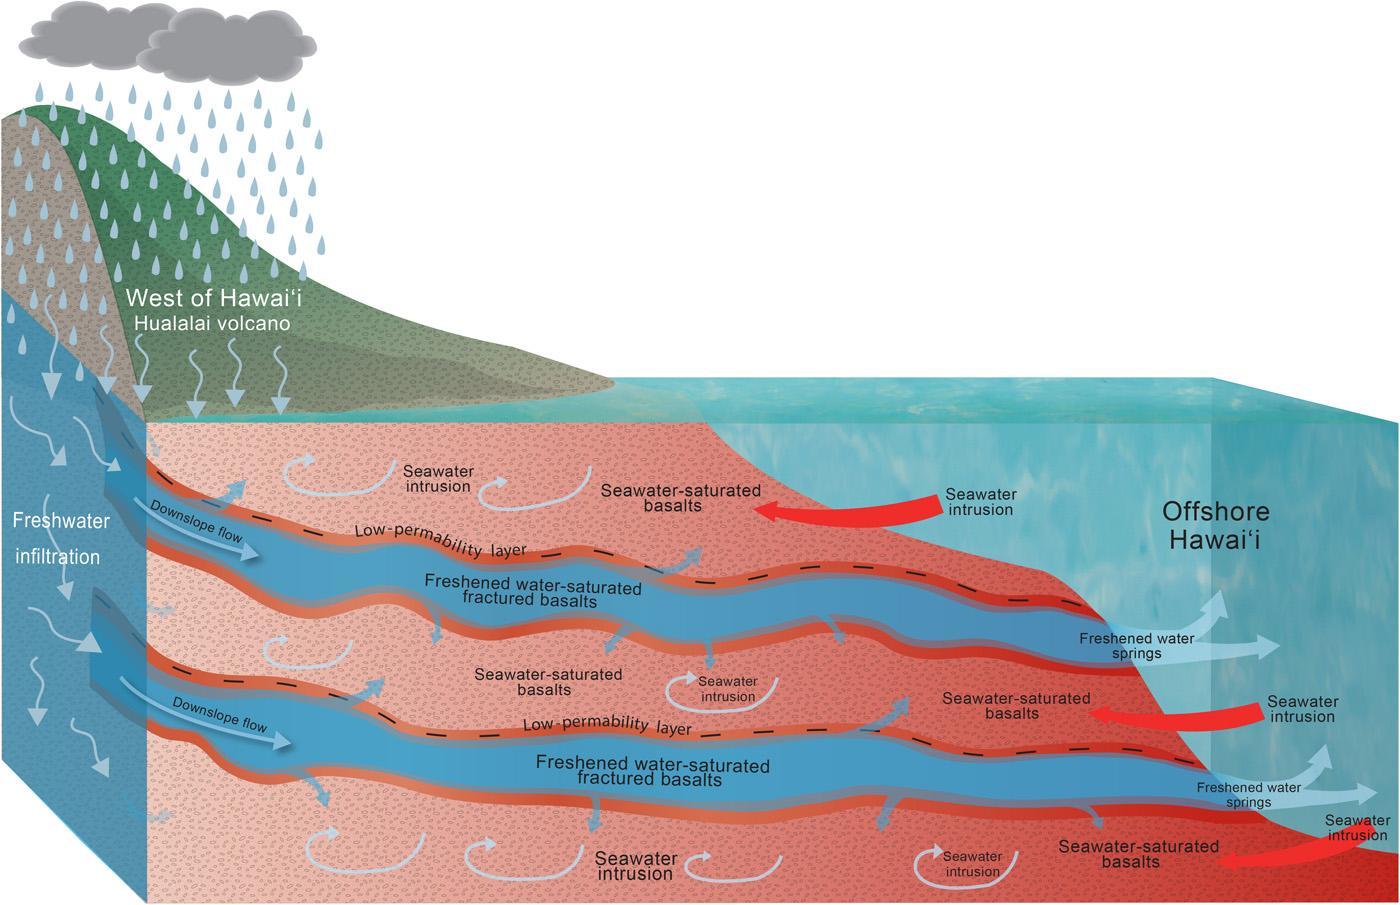 Под Гавайями нашли огромные запасы пресной воды — и это хорошая новость для всех вулканических островов